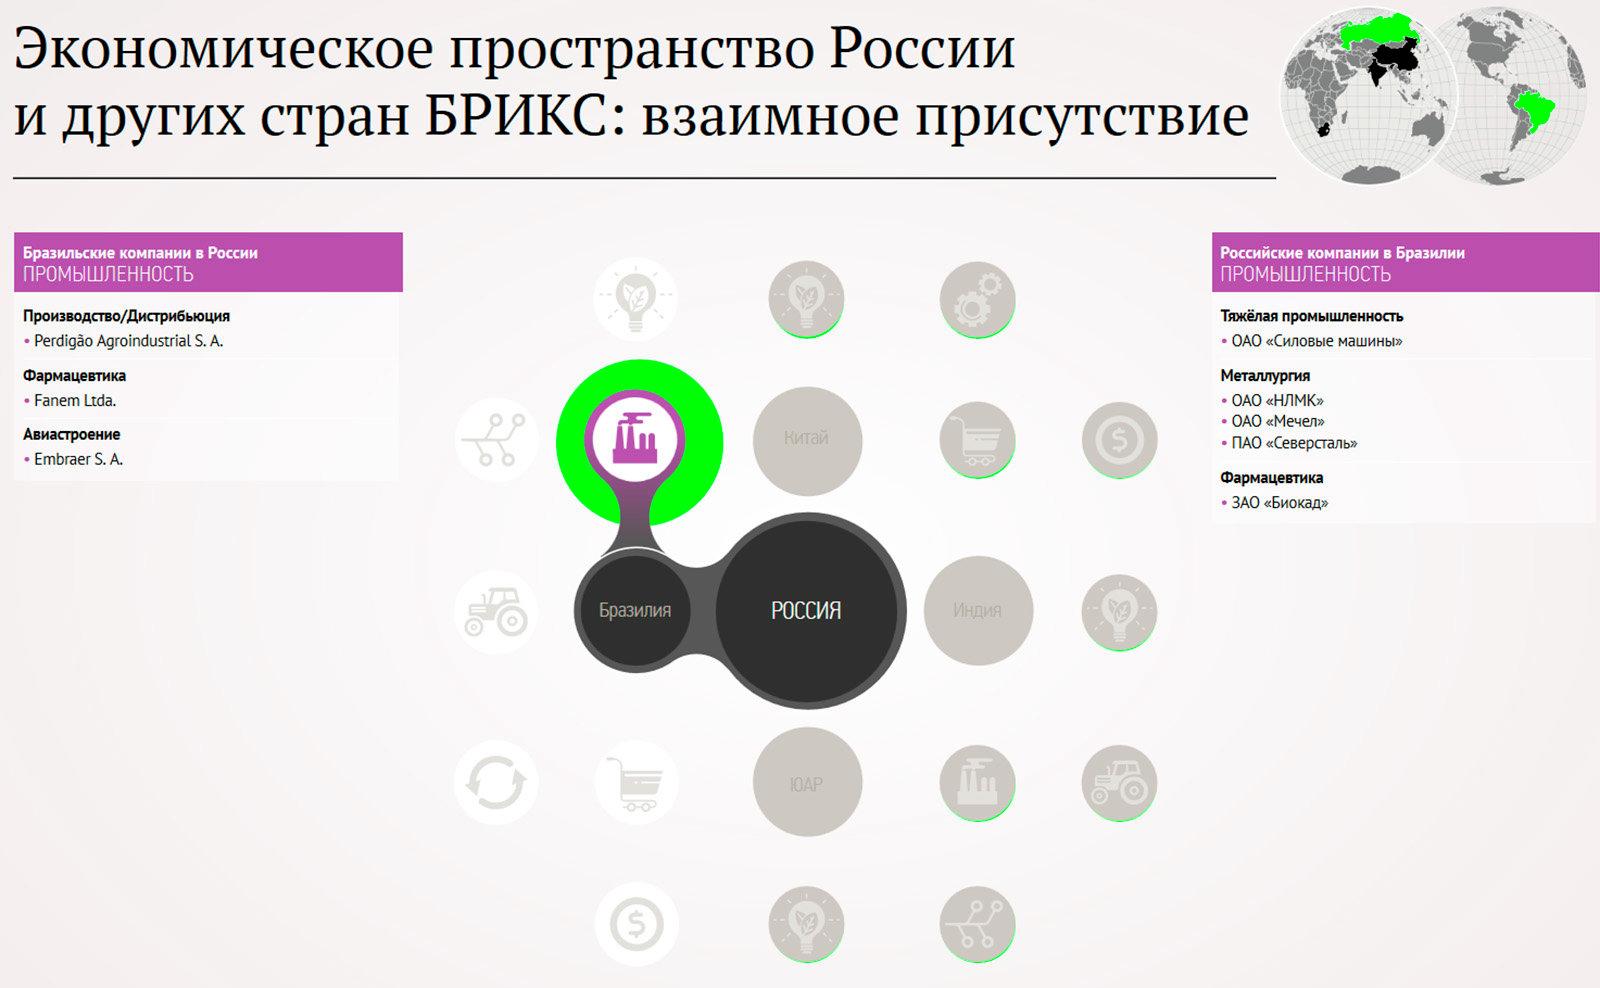 Экономической пространство БРИКС - Sputnik Таджикистан